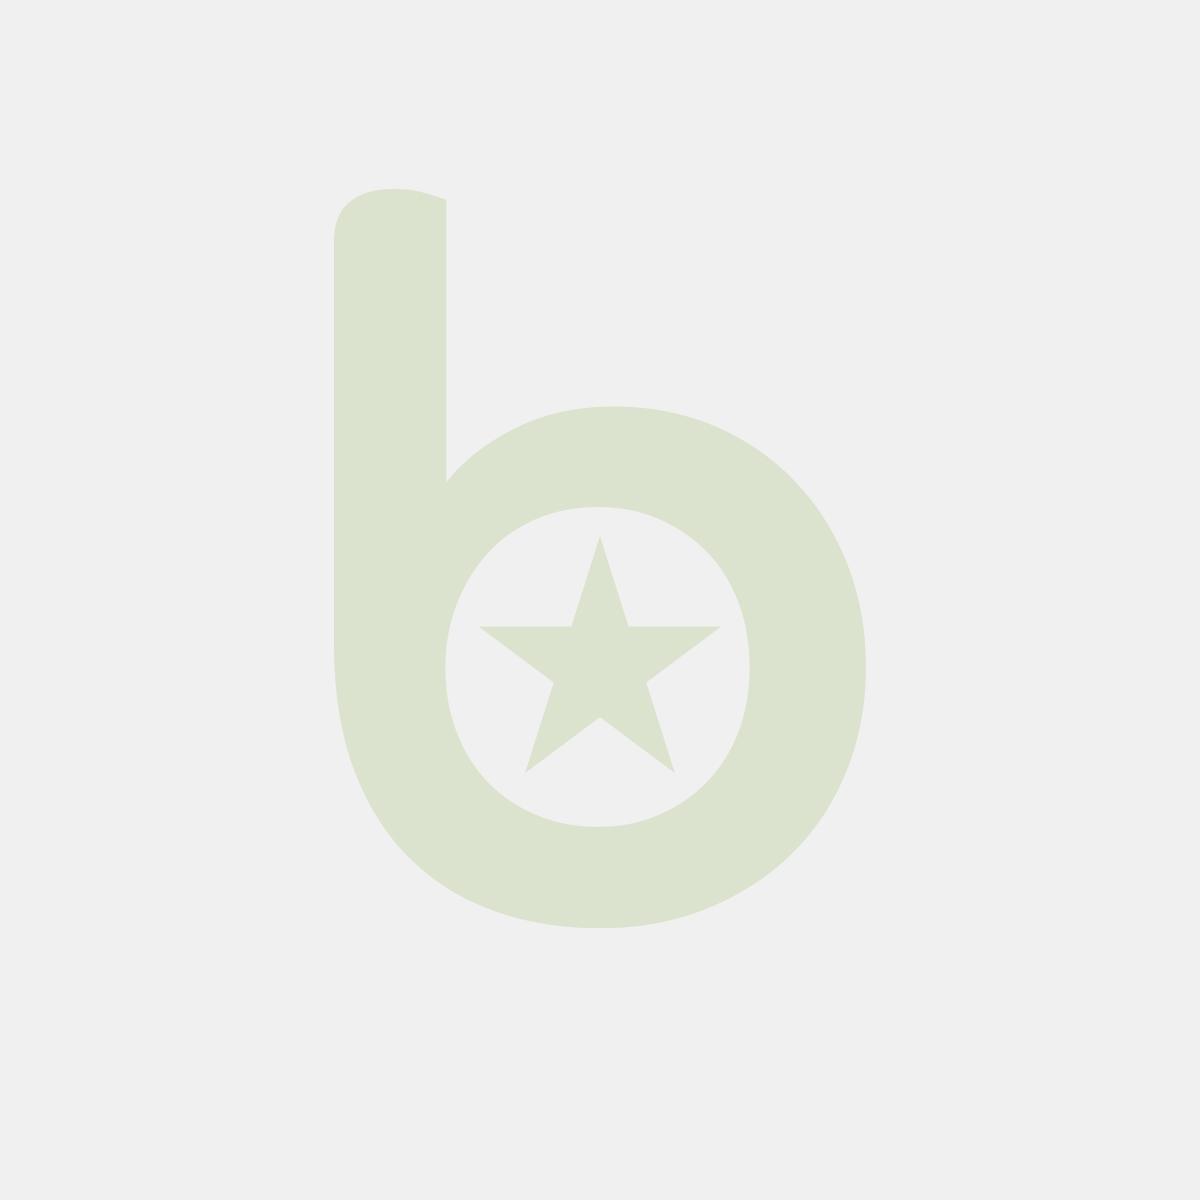 Pojemnik prostokątny do zgrzewu K-187/83 1300ml, cena za opakowanie 660szt